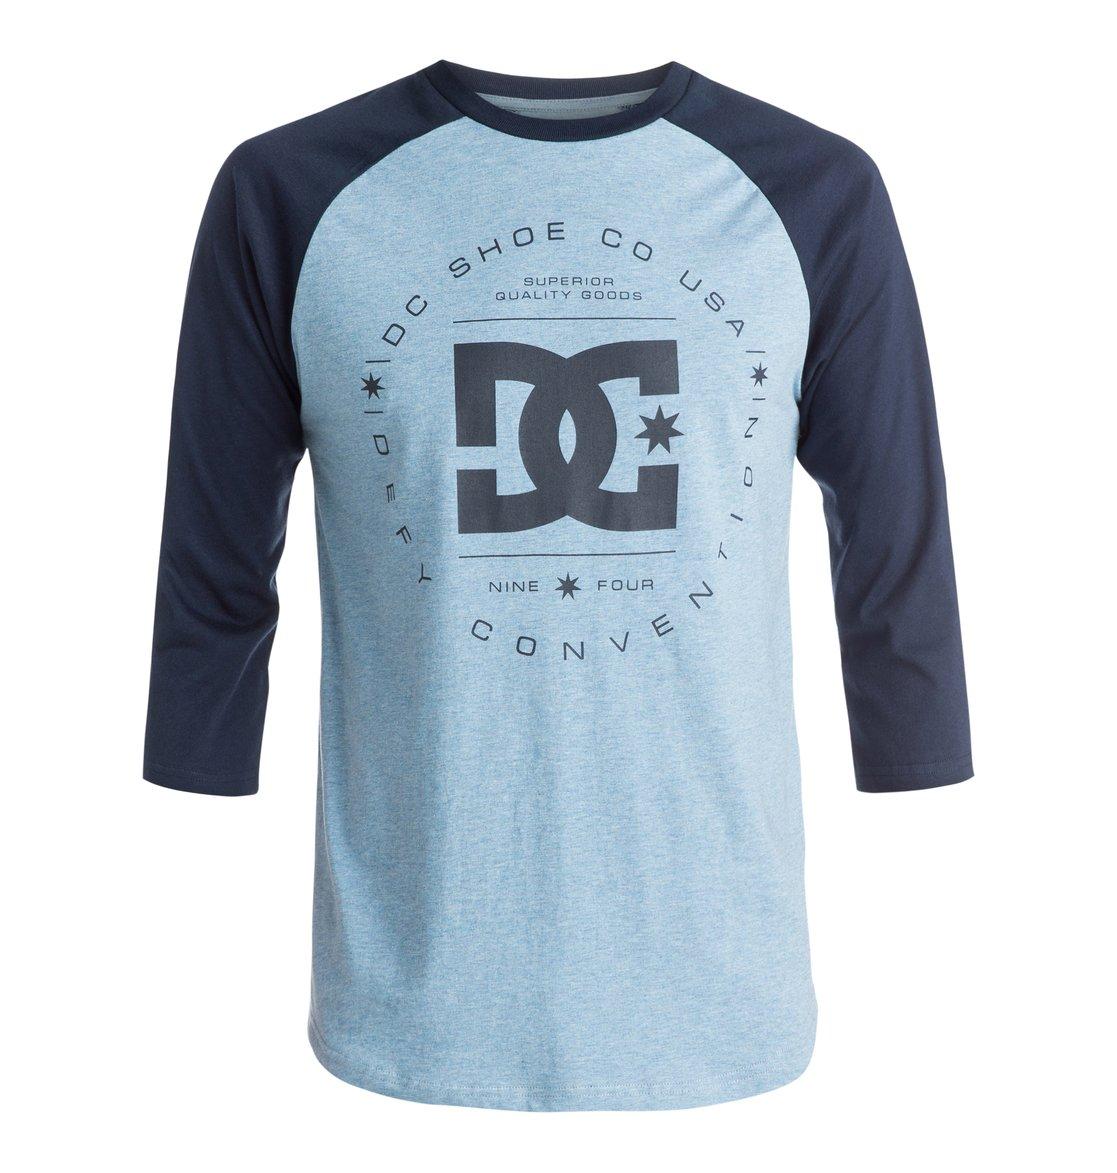 Rebuilt Raglan T-ShirtМужская футболка Rebuilt Raglan от DC Shoes. <br>ХАРАКТЕРИСТИКИ: стандартный крой, рукава-реглан, мягкий графический принт. <br>СОСТАВ: 85% хлопок, 15% полиэстер.<br>